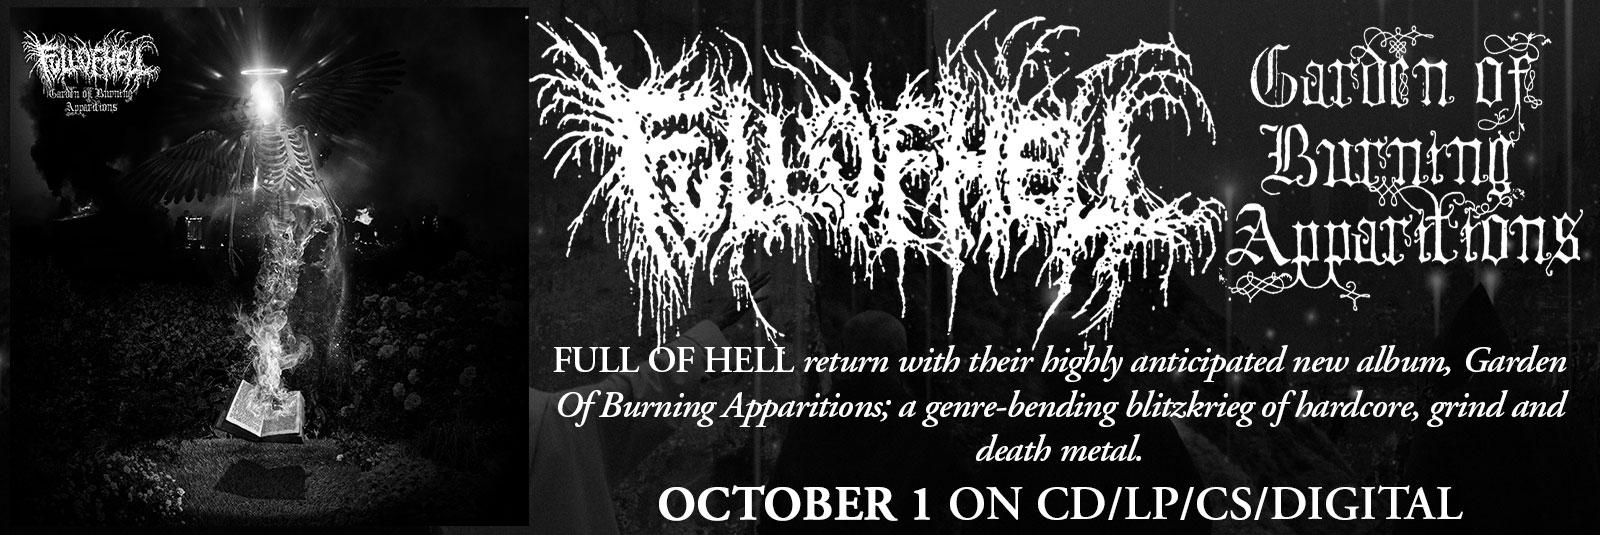 full-of-hell-grindcore